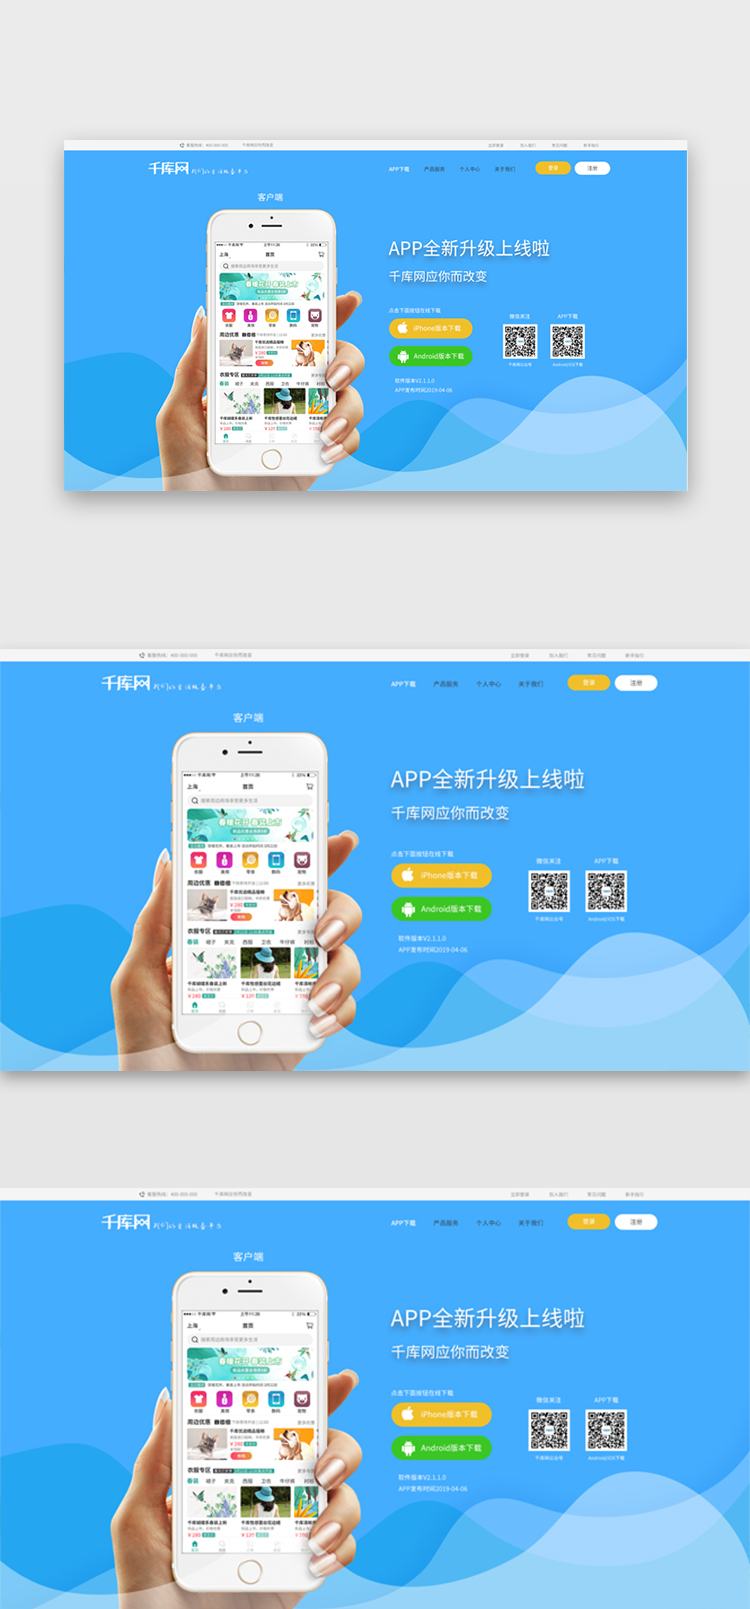 蓝色系界面软件下载页面ui网站设计素材如何ug绘制弹簧扭转图片